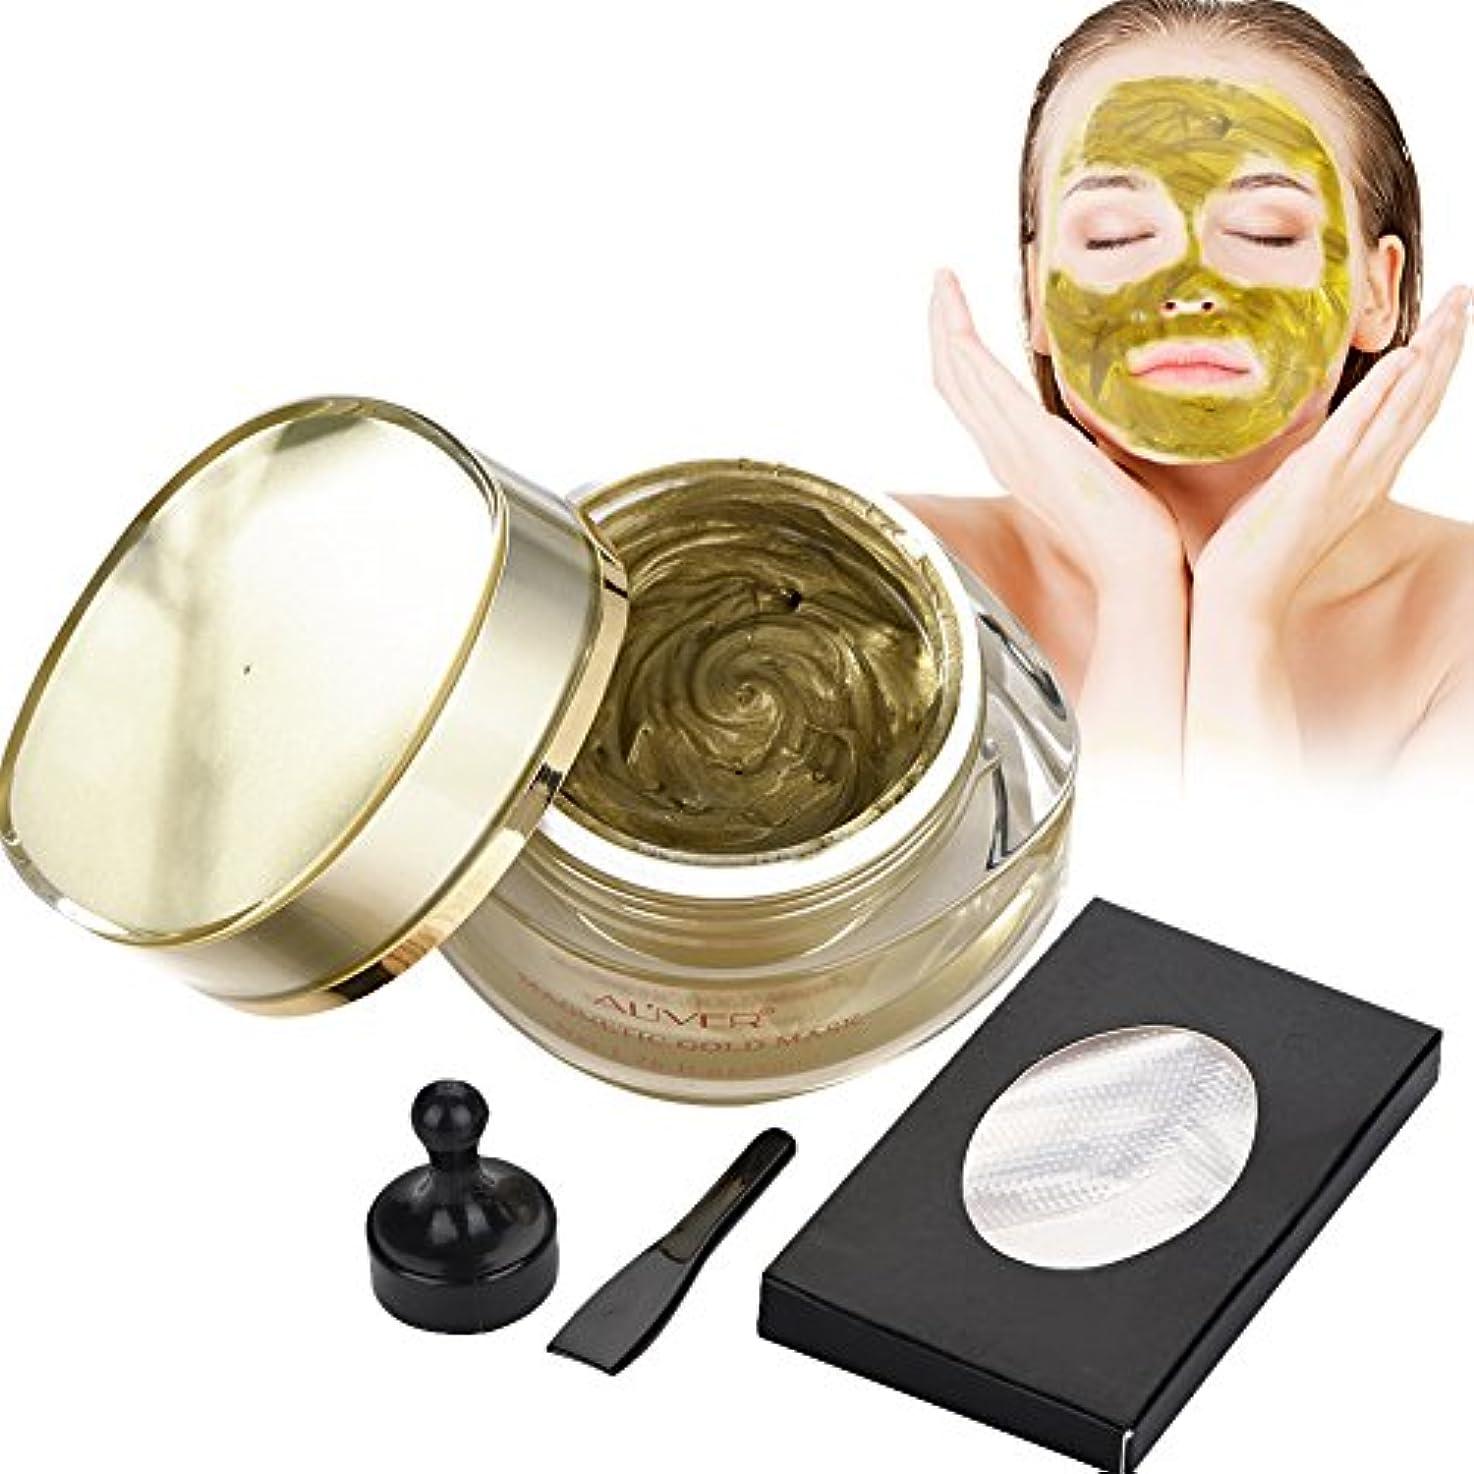 タックインタネットを見るセッション磁気ゴールドマスク、フェイシャルスキンケア 自然成分 ミネラルリッチ ディープクレンジングポア 人気があり